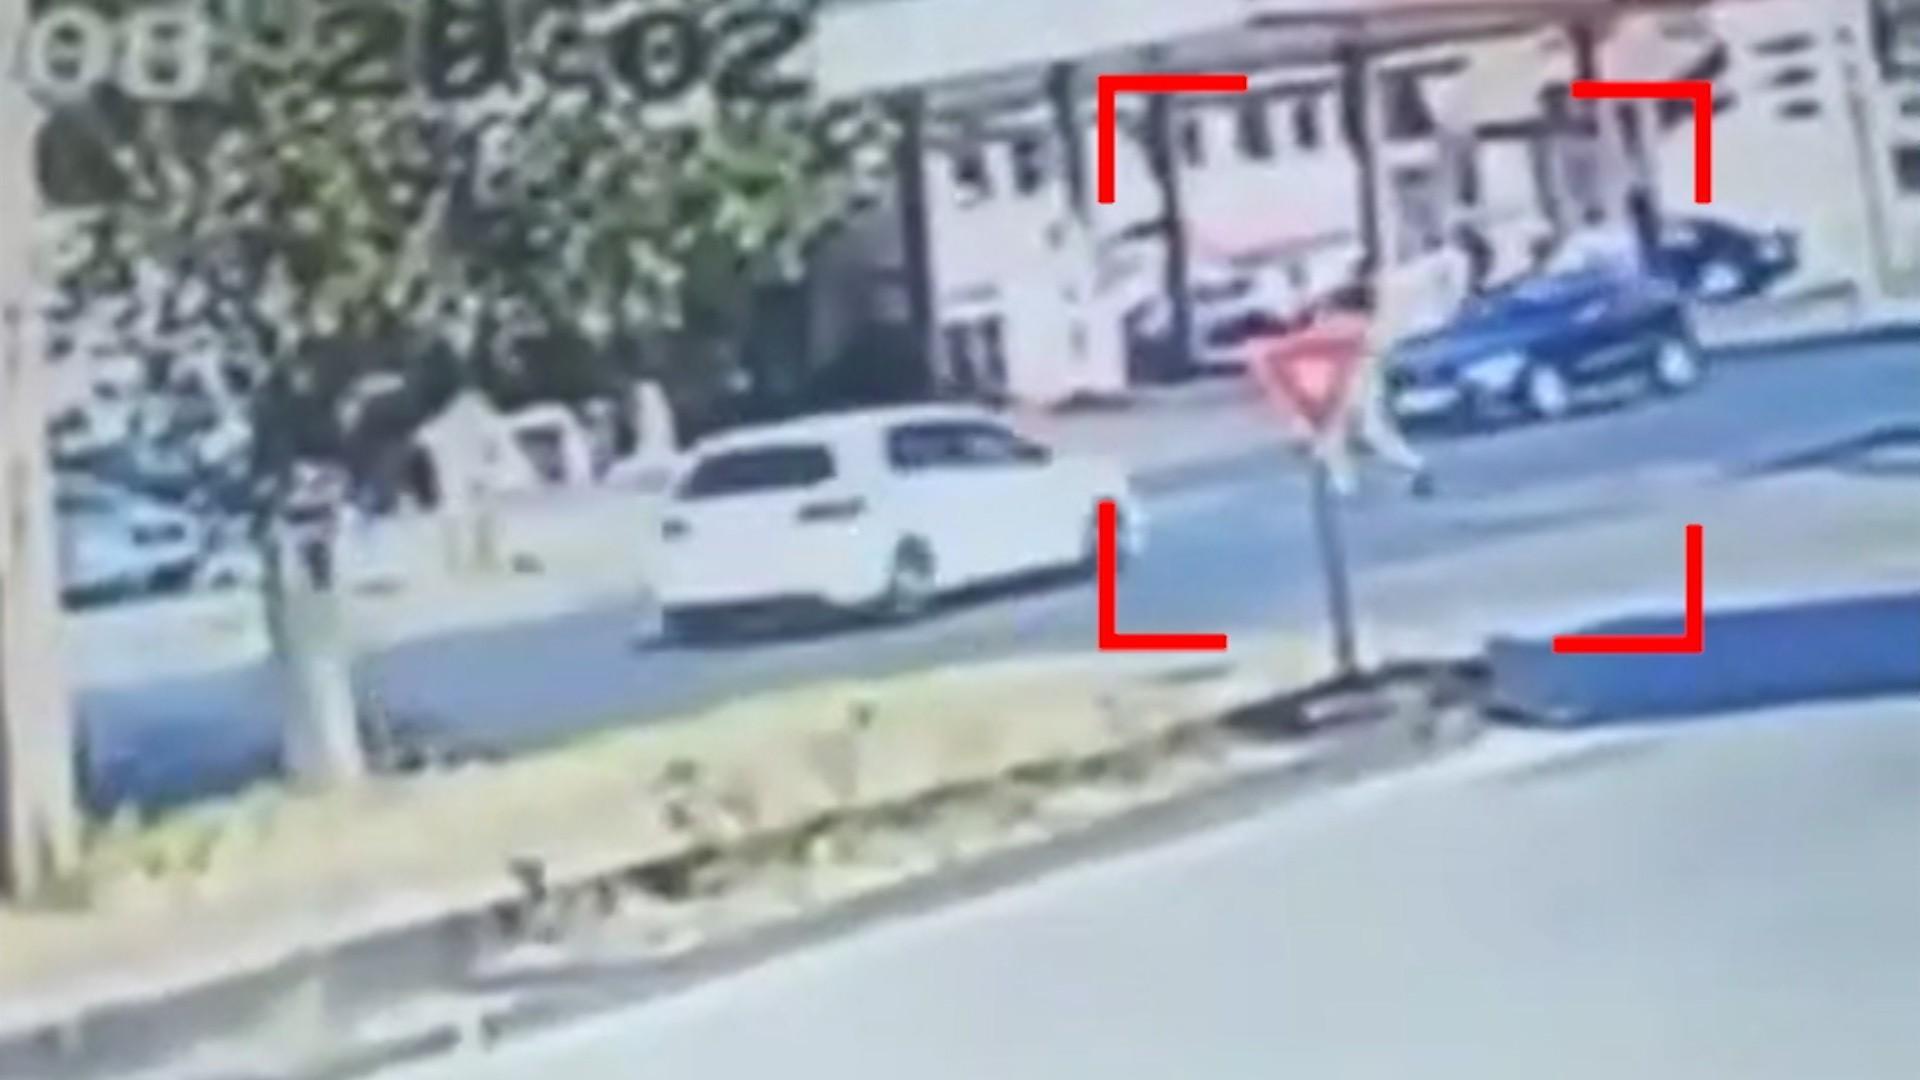 """Poliţia a luat, după 3 zile, măsuri împotriva şoferului din Slatina care a omorât un om pe trecerea de pietoni: """"Persoanele cercetate beneficiază de prezumţia de nevinovăţie"""""""